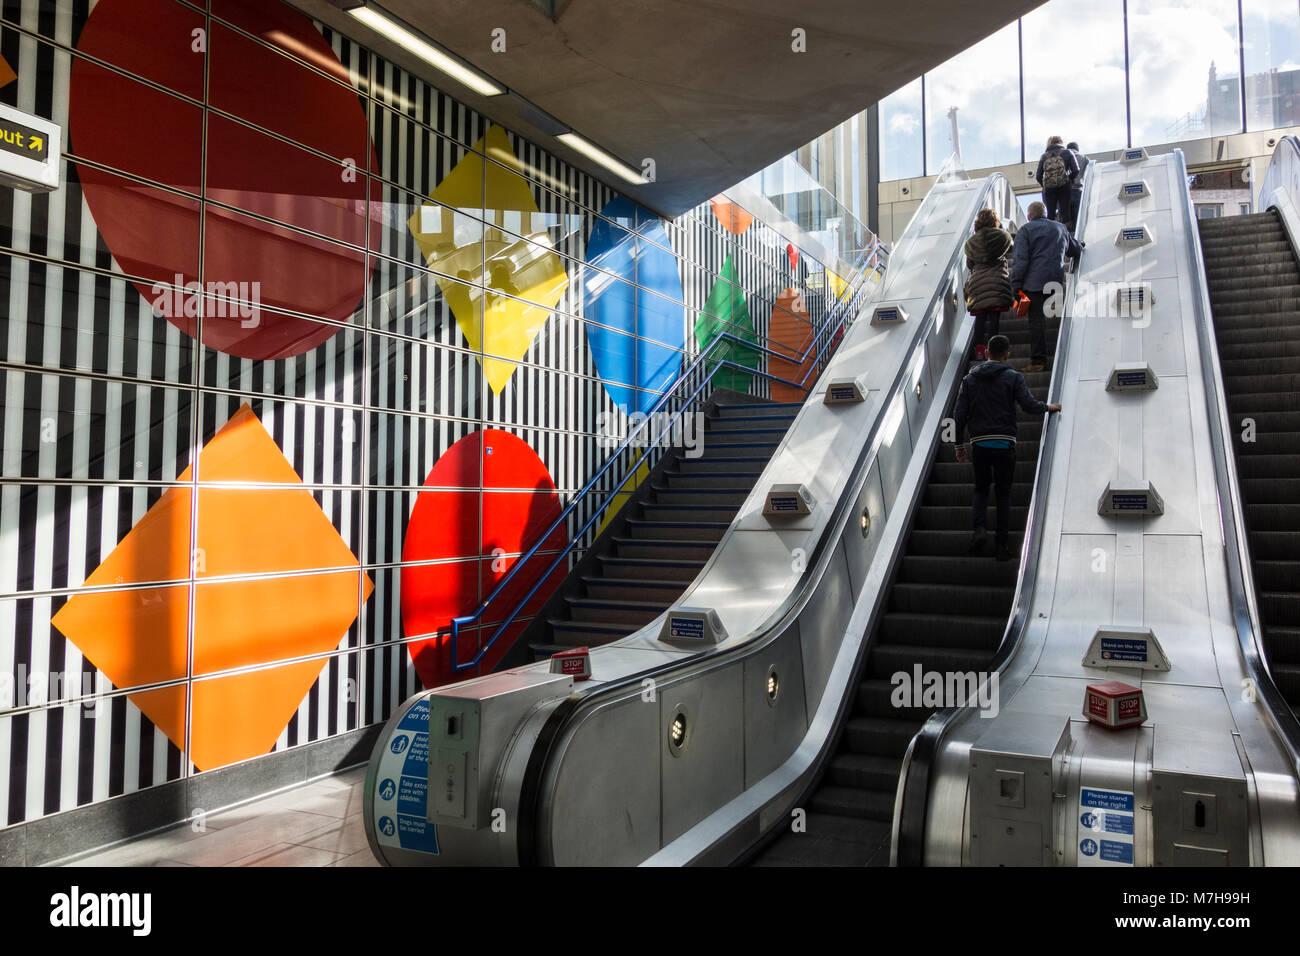 Daniel Buren Larges Rayures De Motifs Geometriques Et A La Station De Metro Tottenham Court Road Londres Uk Photo Stock Alamy